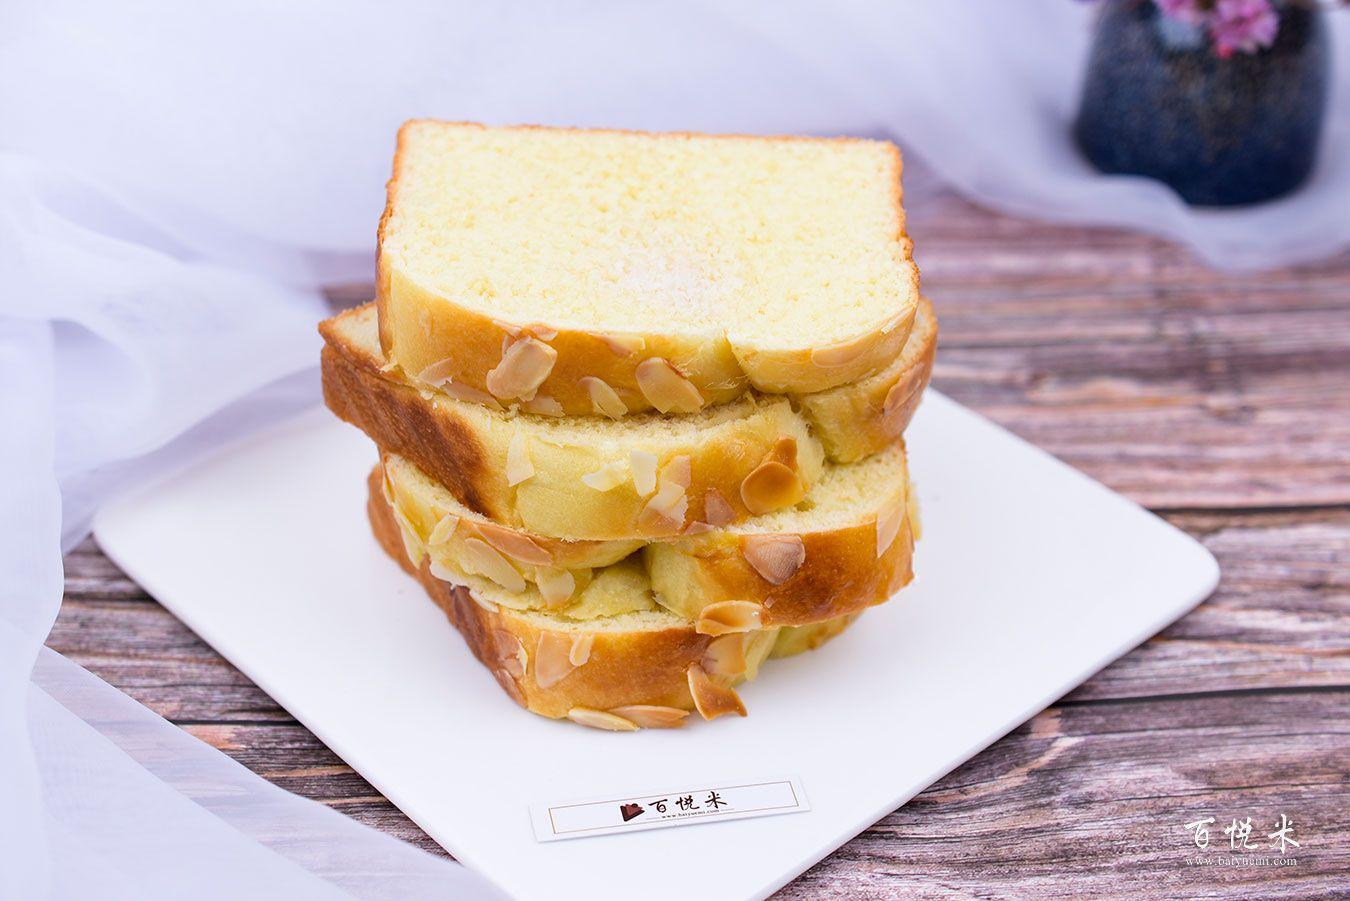 布里奥吐司高清图片大全【蛋糕图片】_851